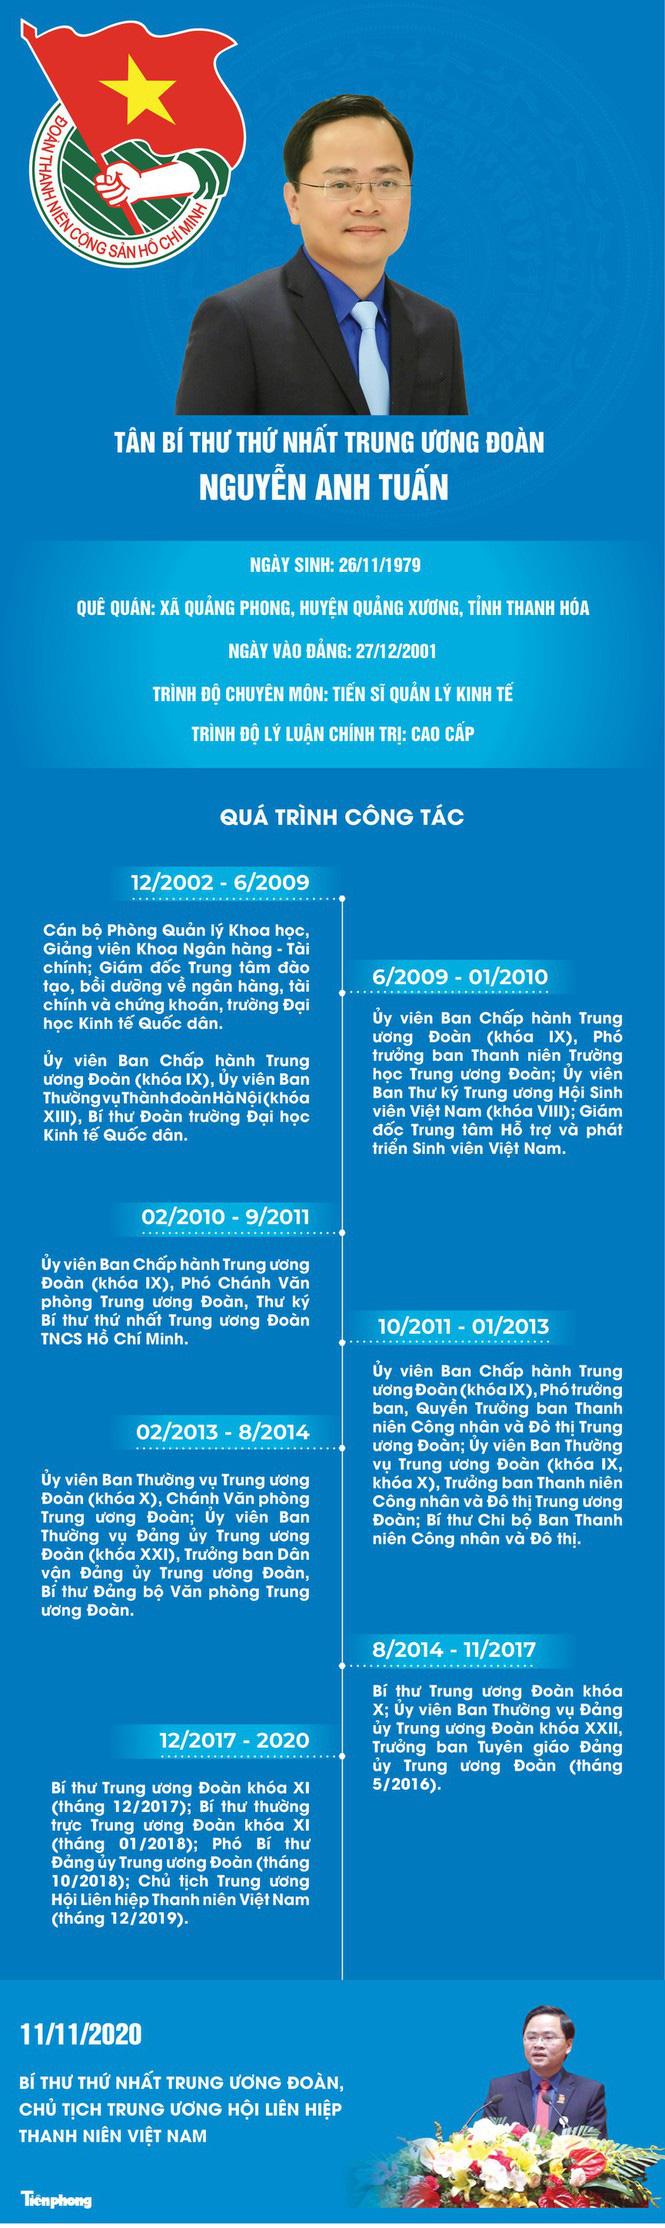 Anh Nguyễn Anh Tuấn làm Bí thư thứ nhất T.Ư Đoàn - Ảnh 4.